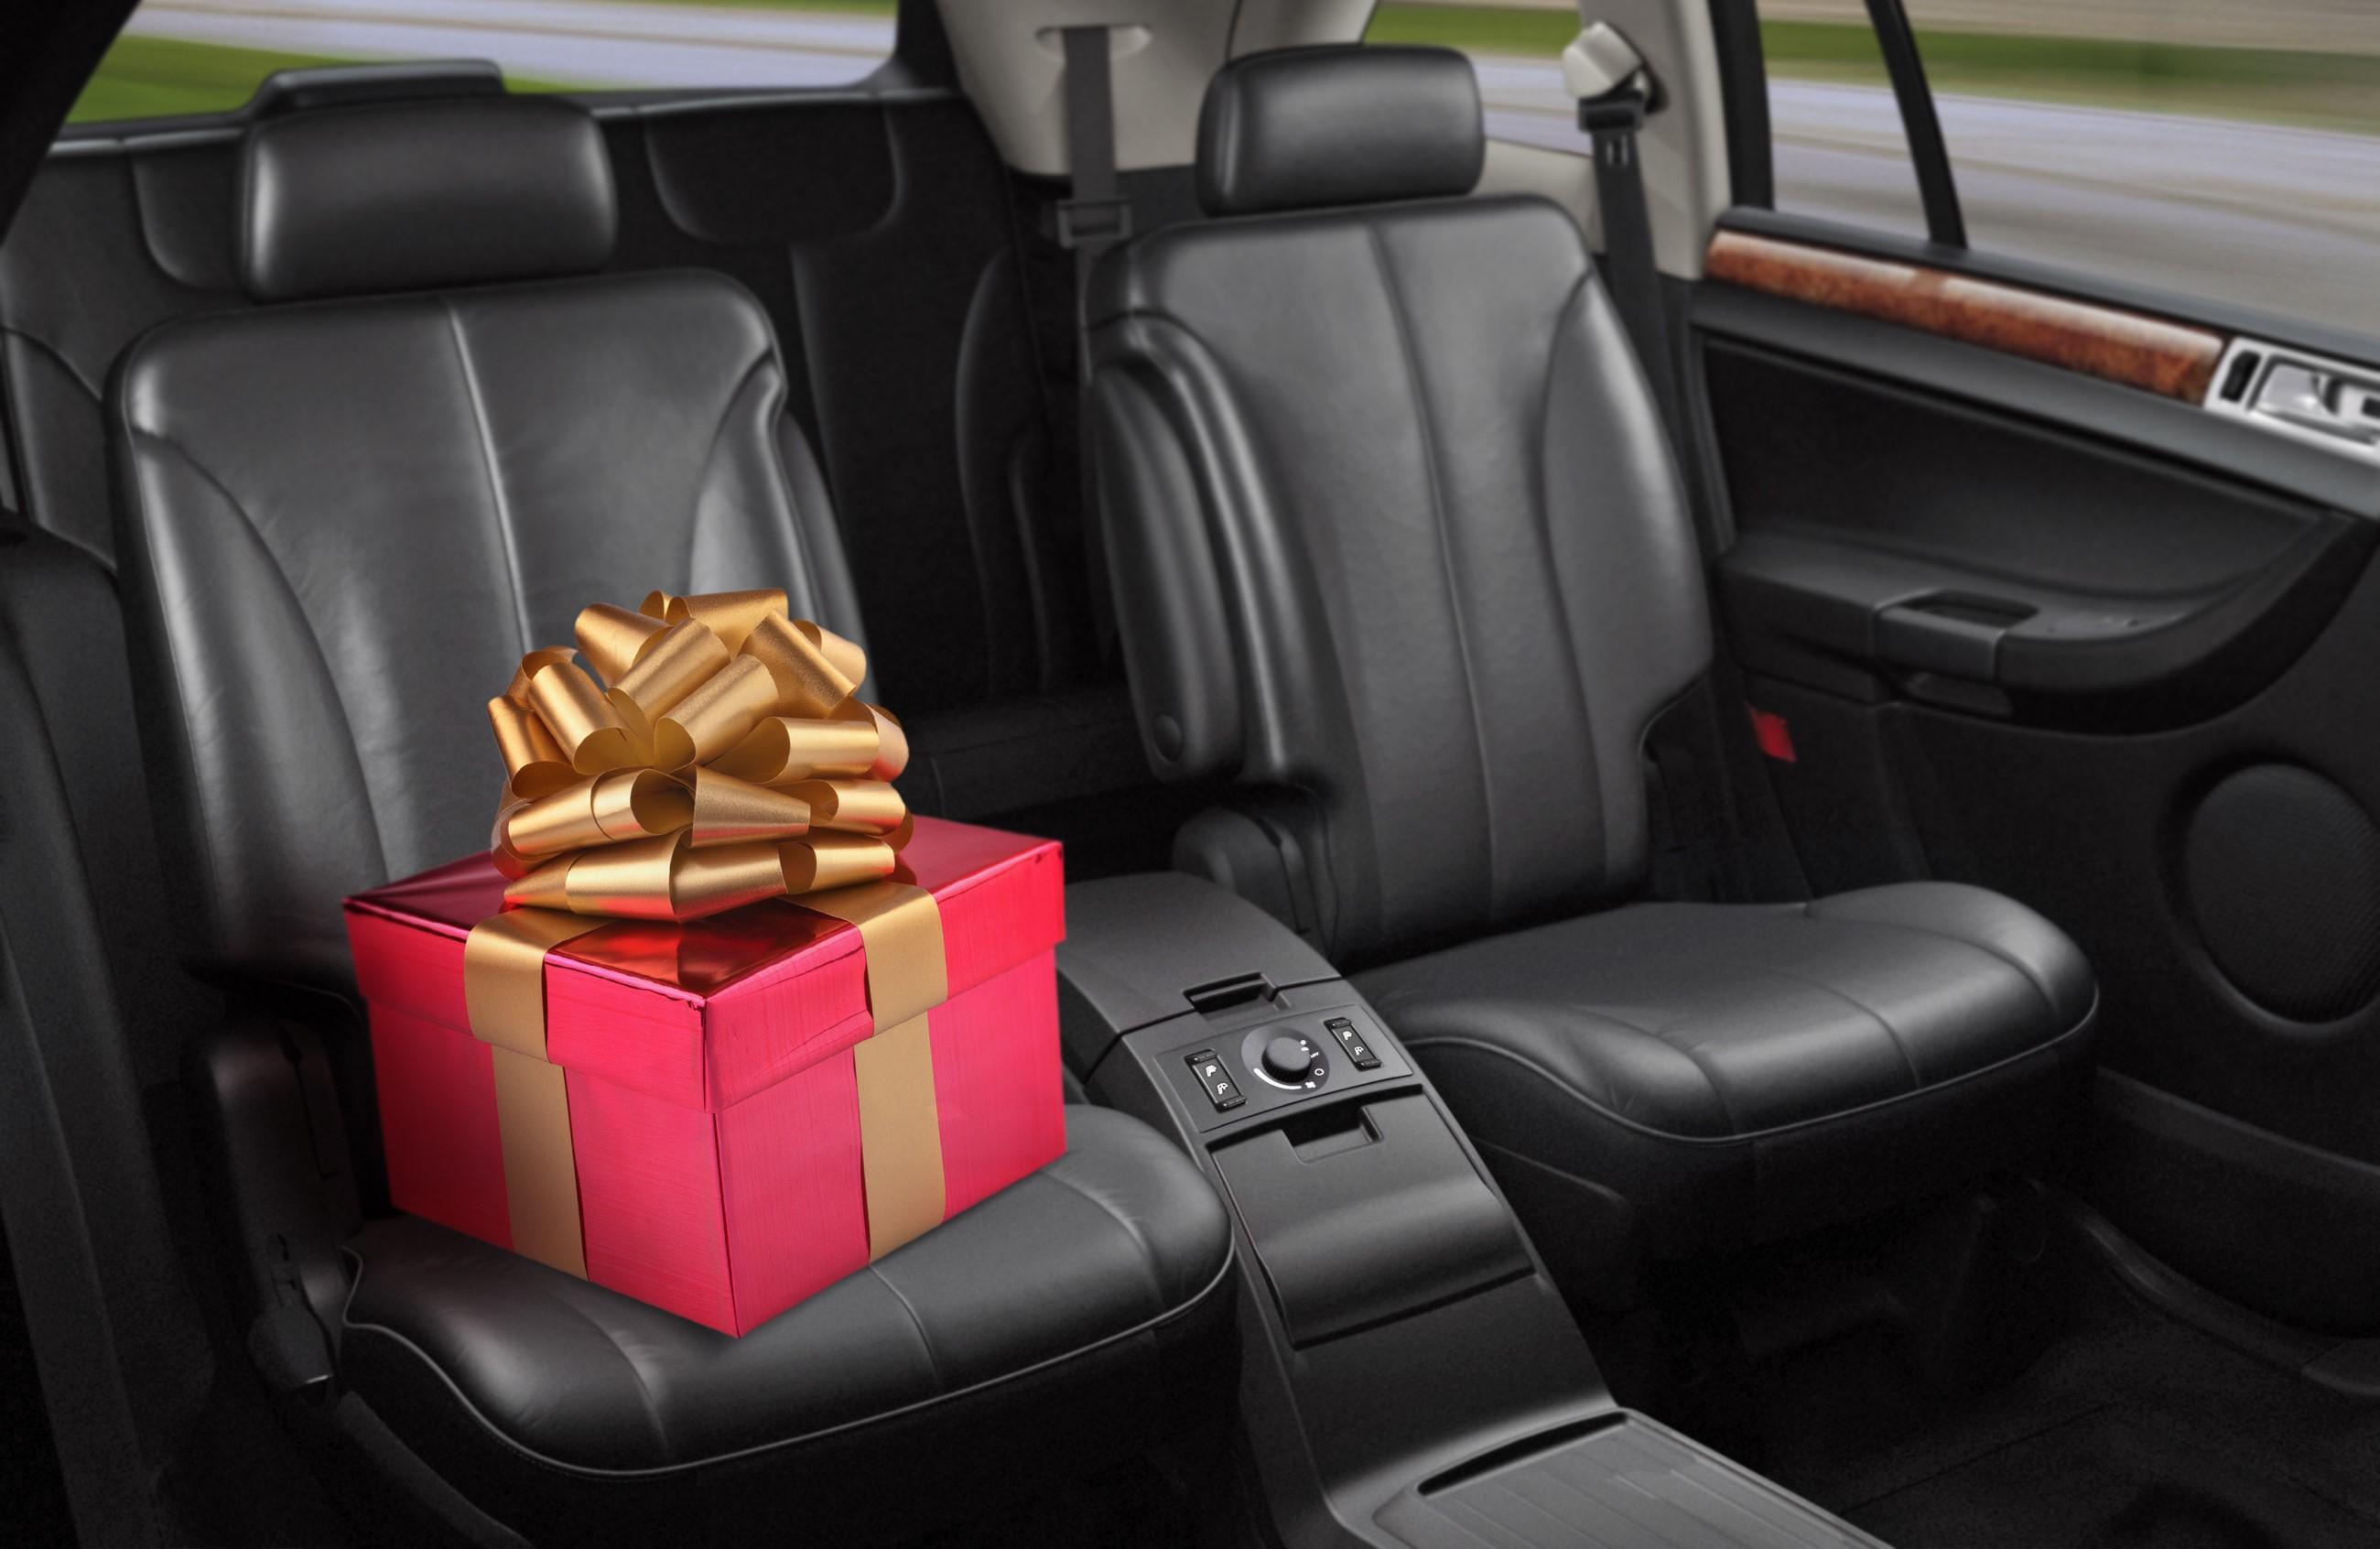 Что подарить автолюбителю на день рождения. Топ 20 идей  Фото